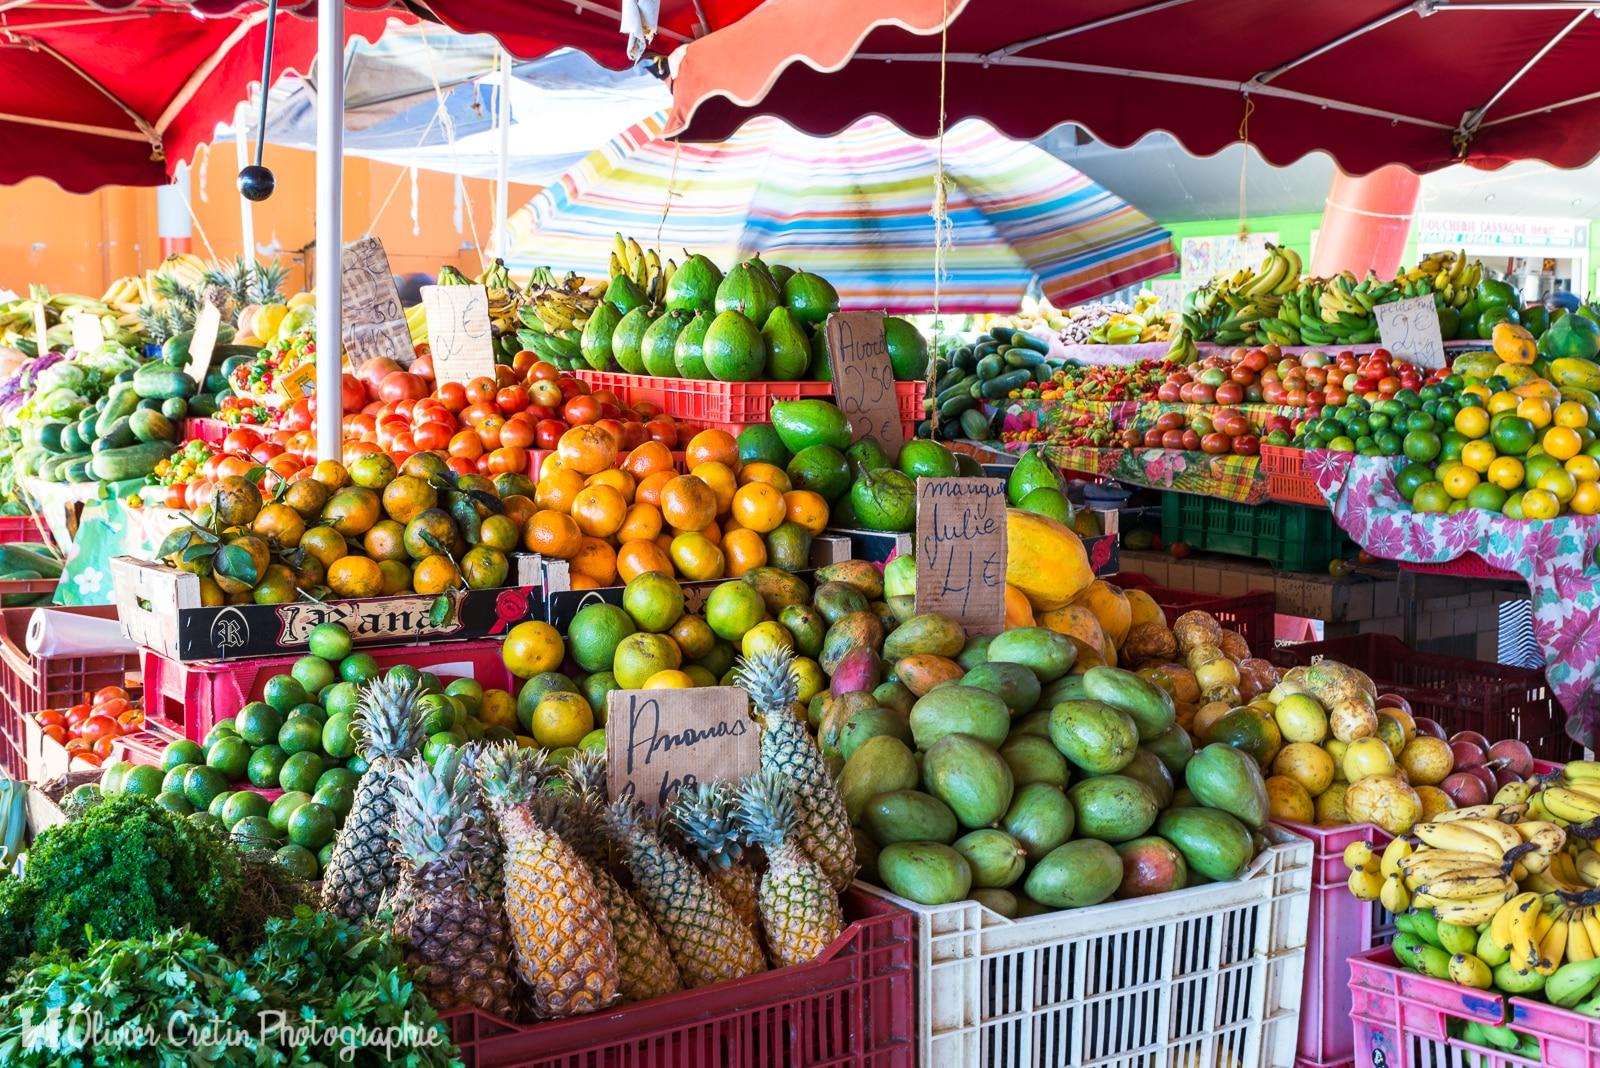 Guadeloupe - La star du marché de Basse Terre, la mangue julie